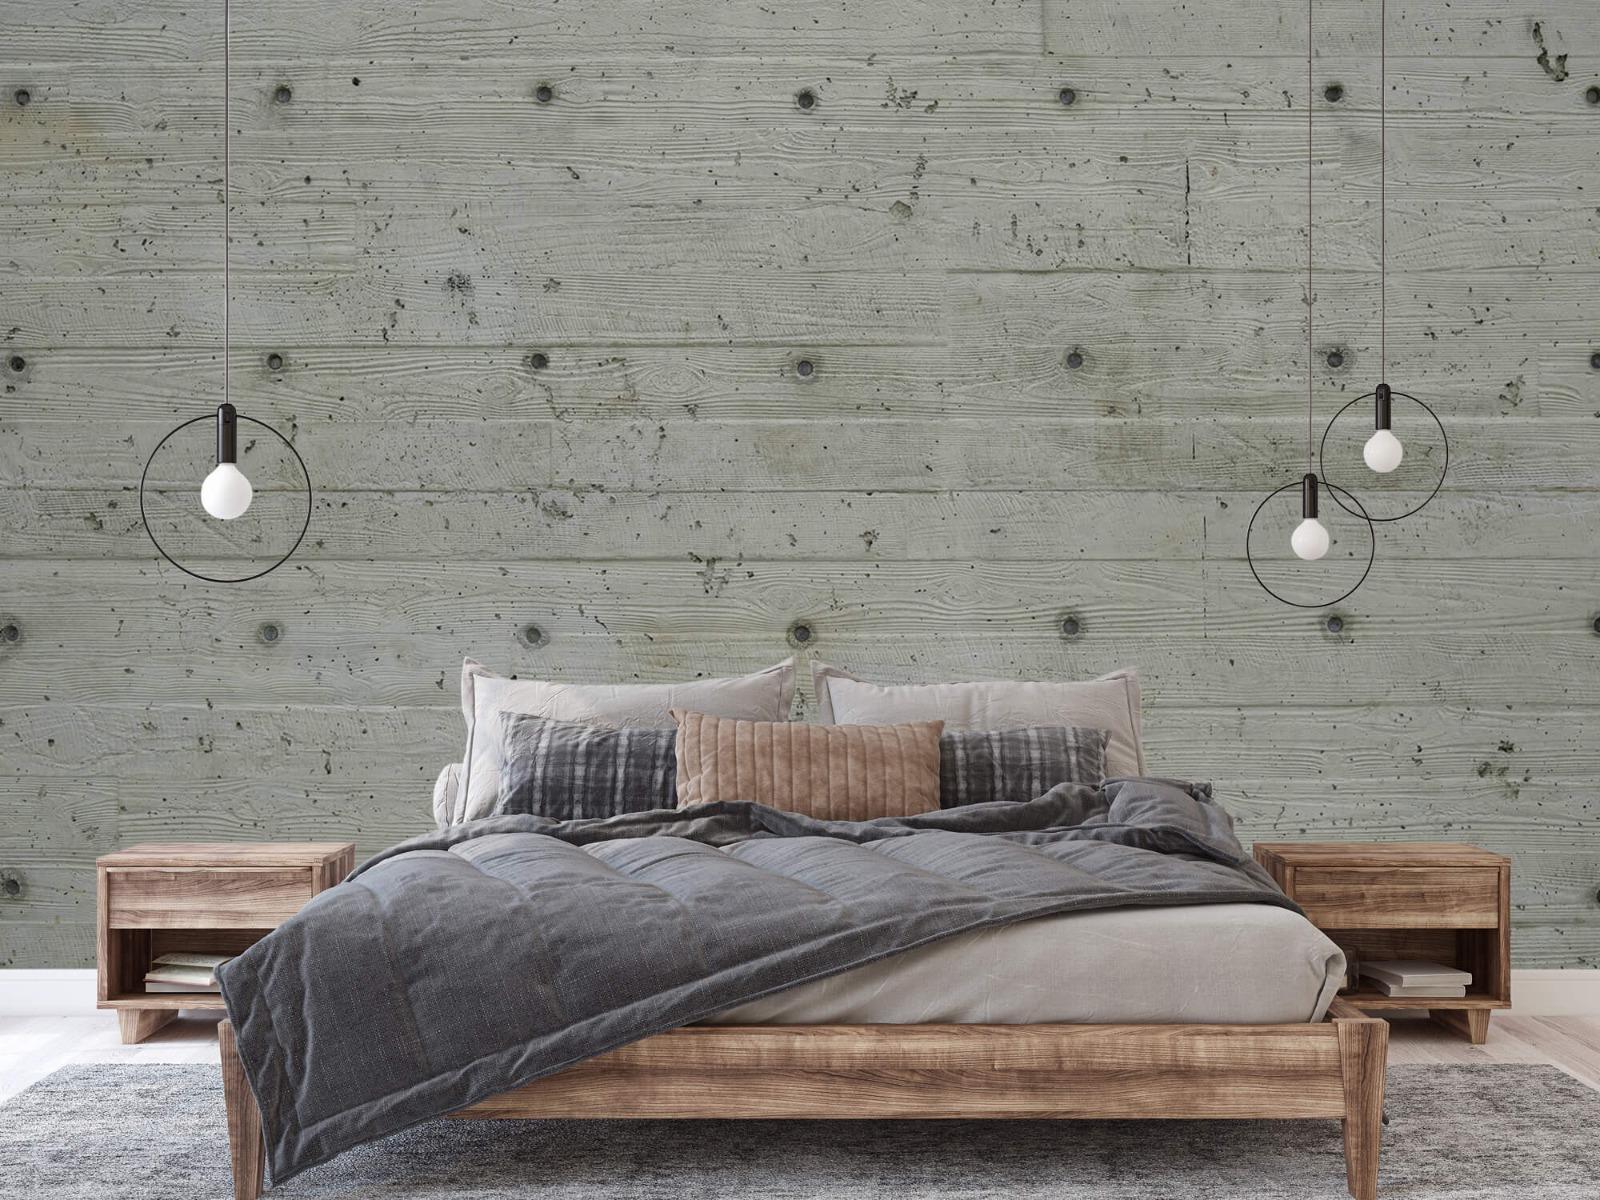 Betonlook behang - Beton met hout look - Slaapkamer 16